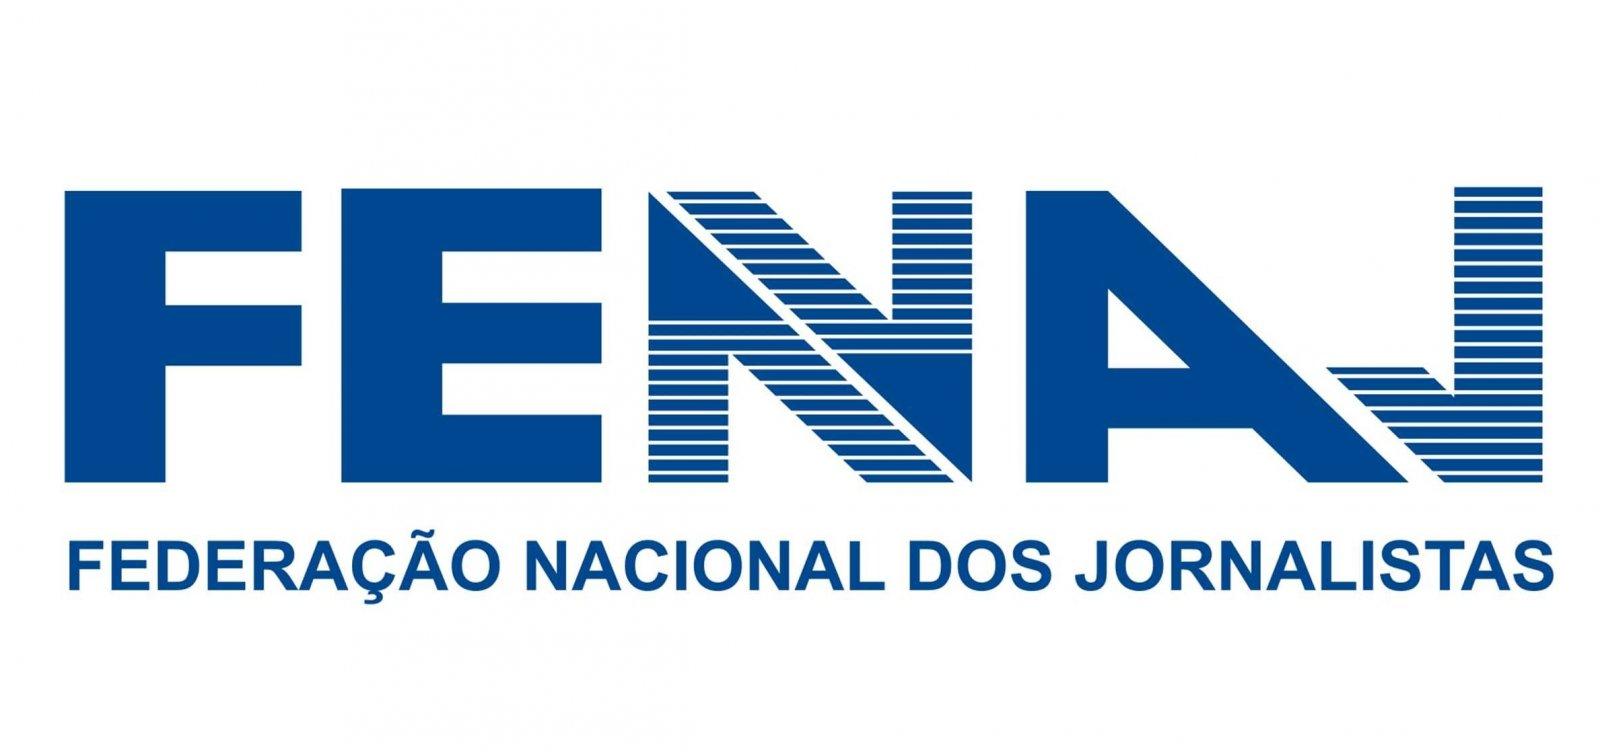 [Federação Nacional dos Jornalistas diz que causa 'preocupação' governo de Bolsonaro]